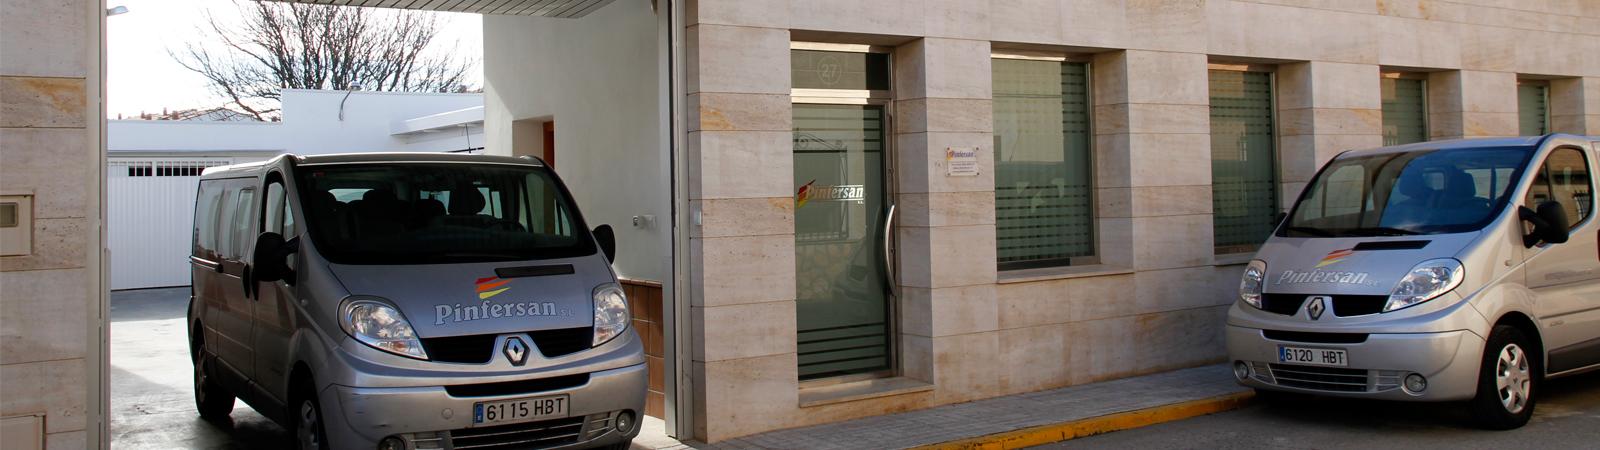 Imagen de fachada de la empresa